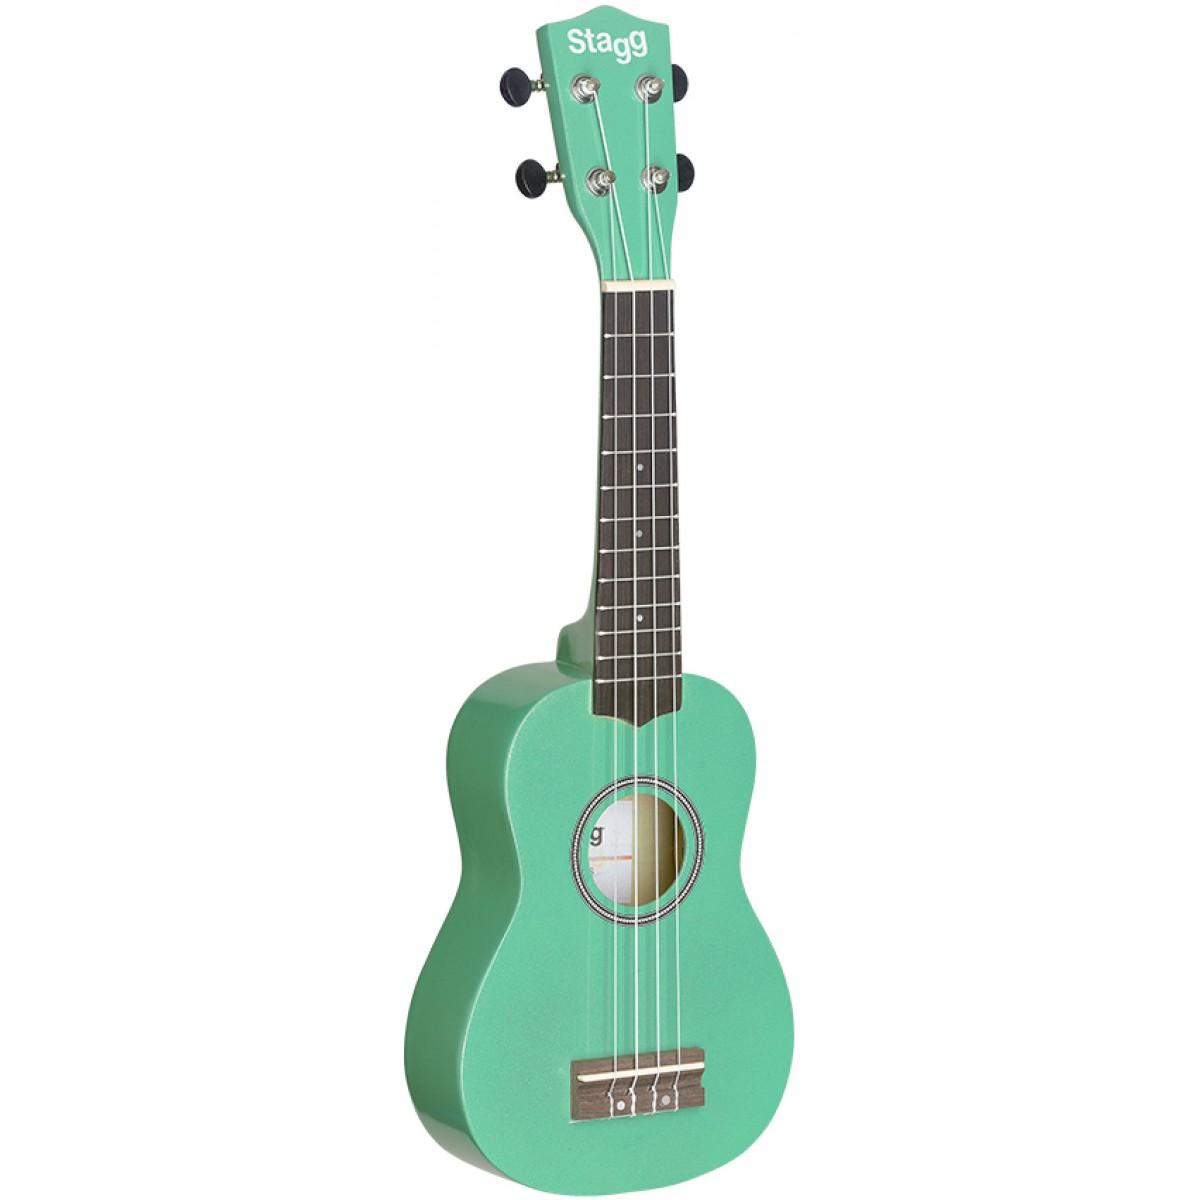 Stagg US GRASS, sopránové ukulele, zelené